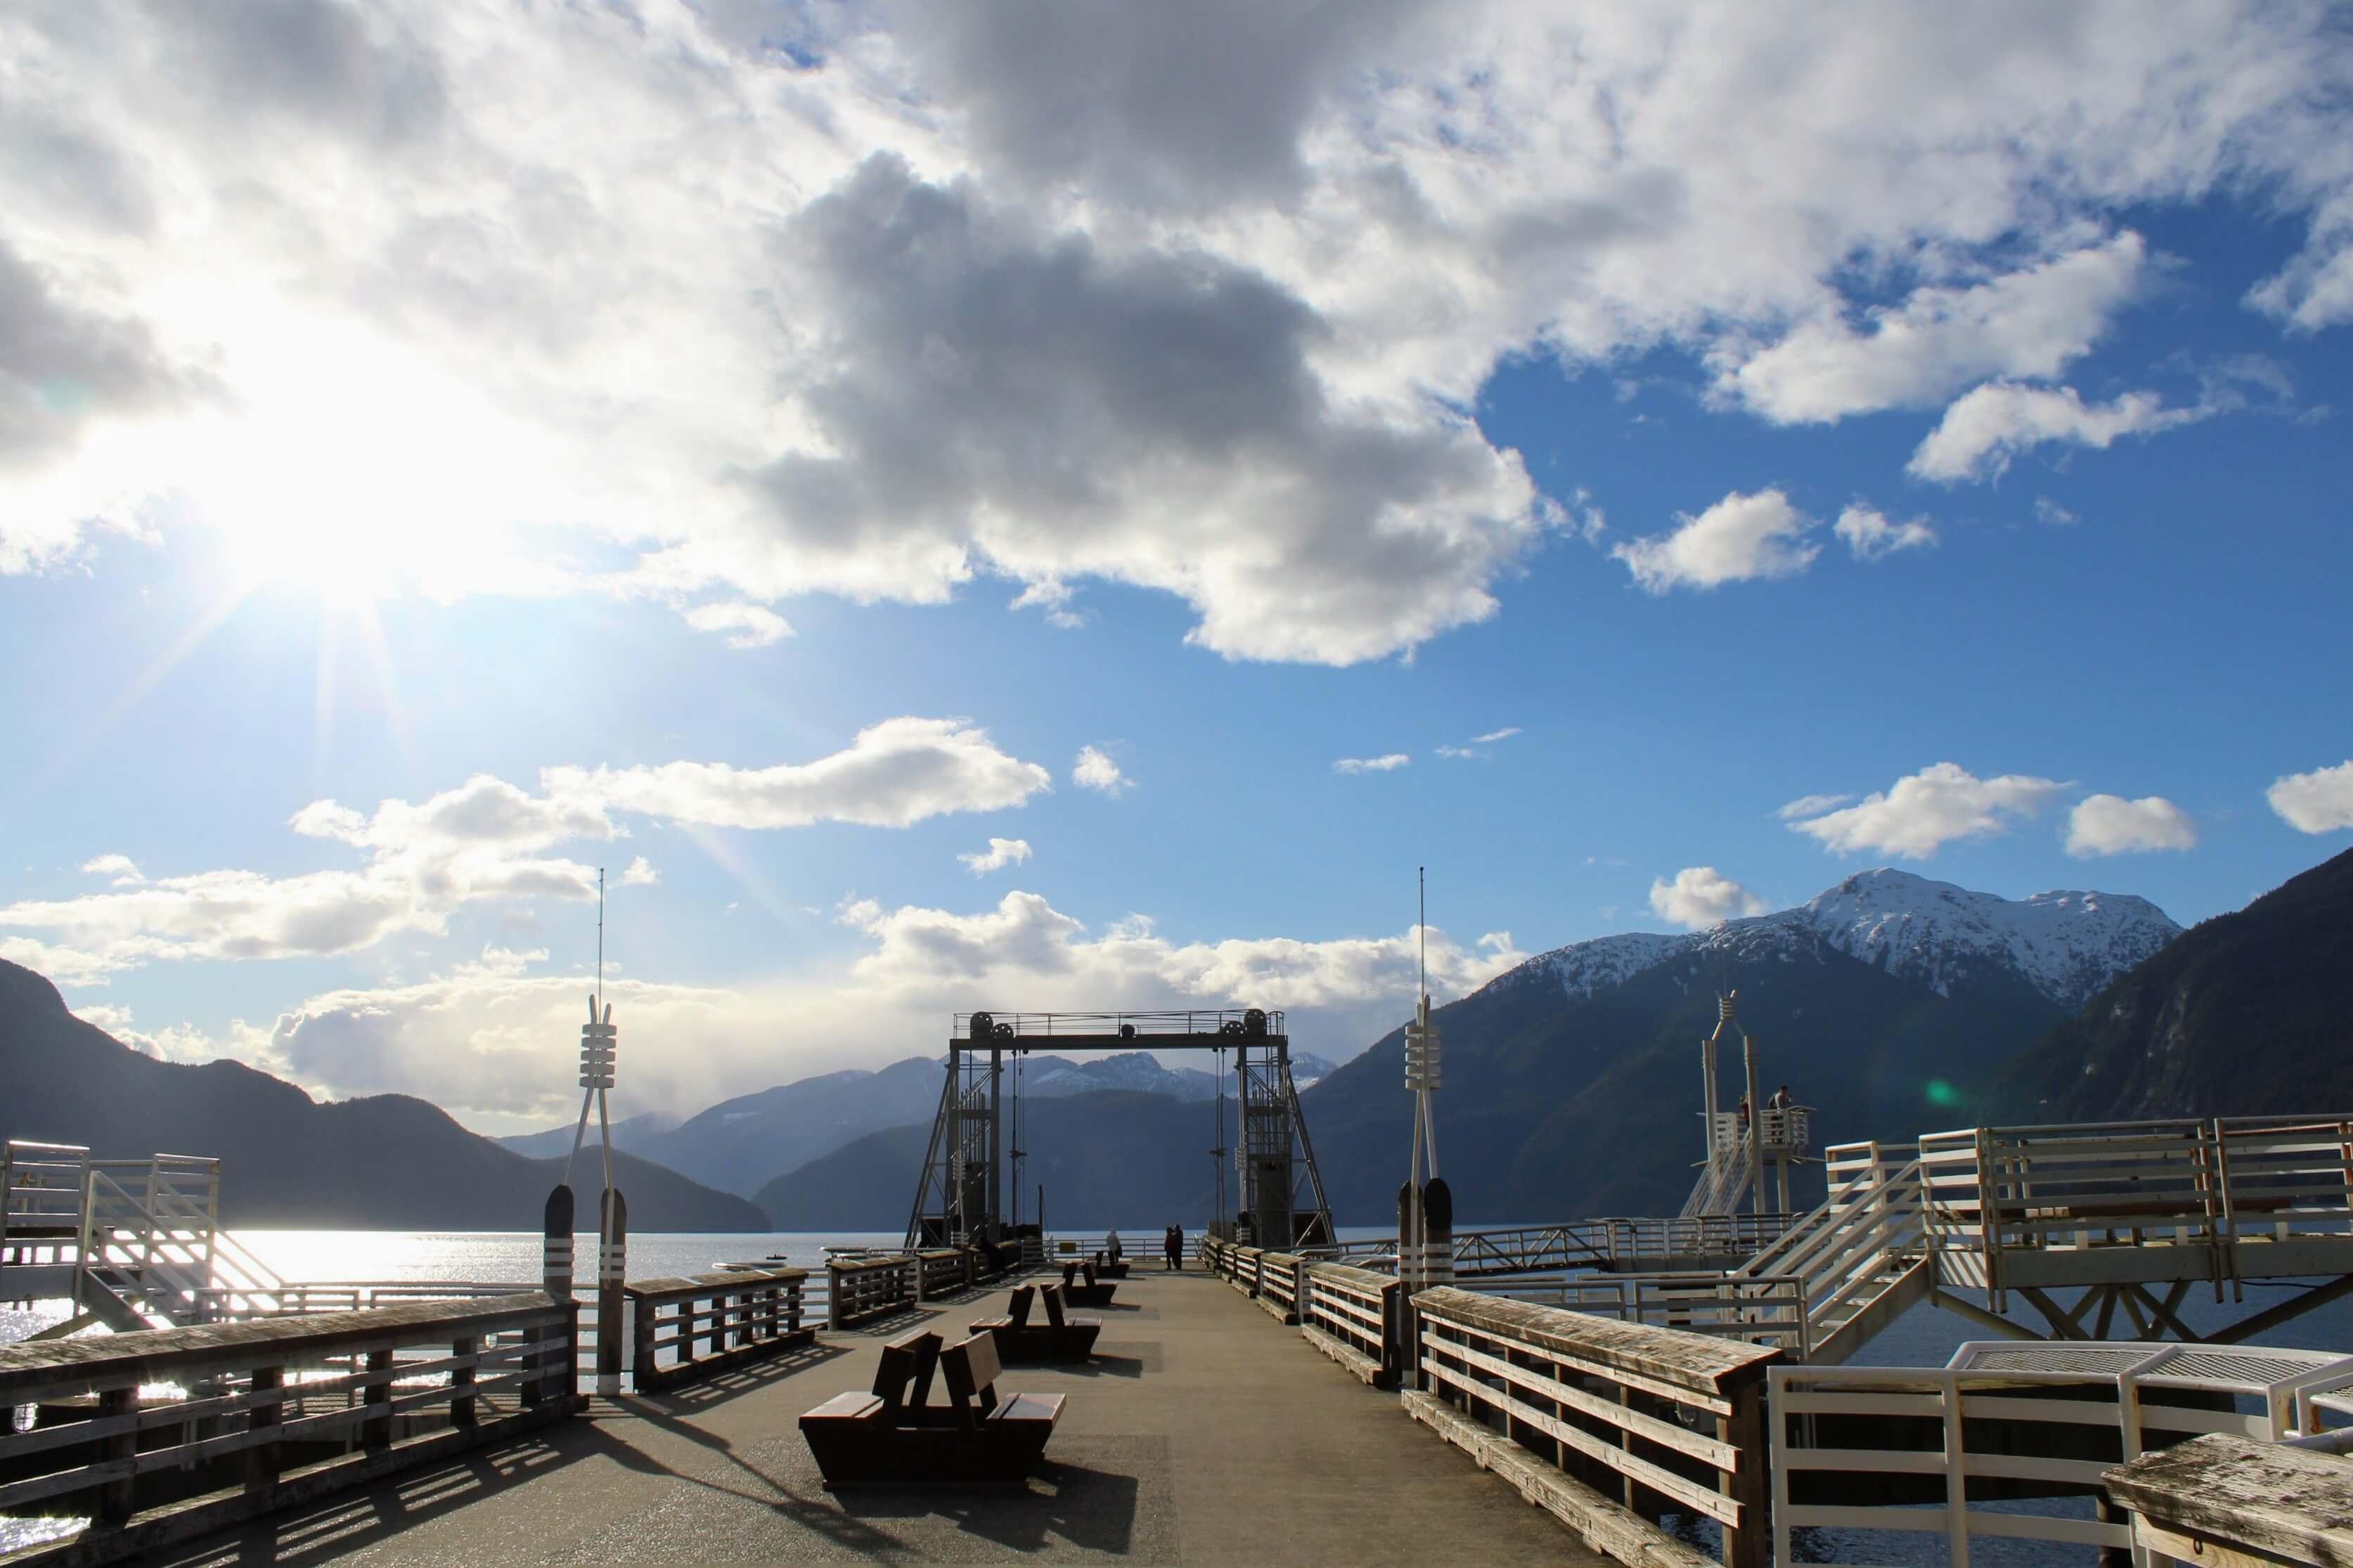 Porteau Cove Provincial Park dock